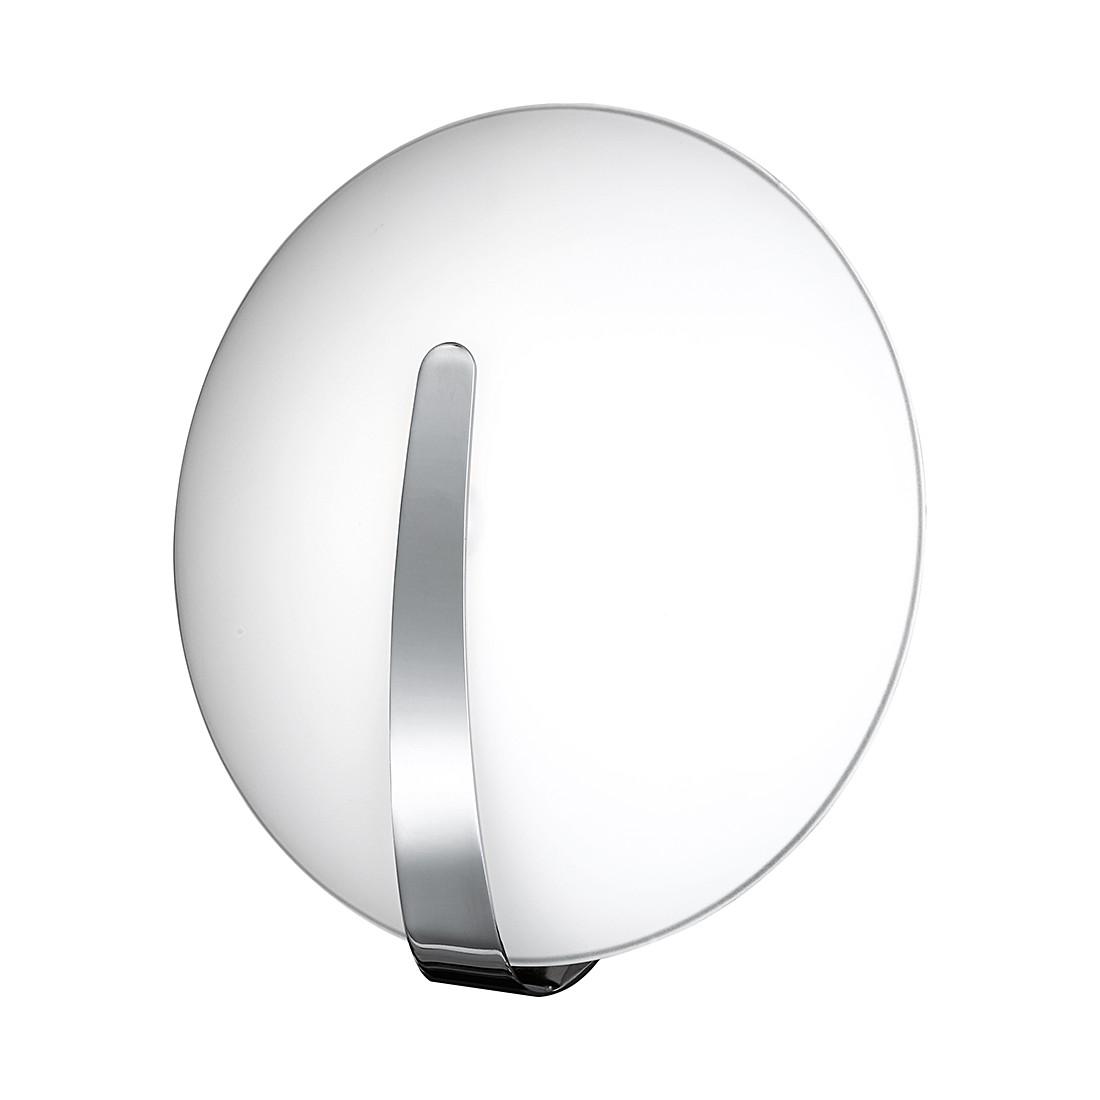 EEK A++, Wandleuchte Strap – Metall/Glas – Silber – 1-flammig, Honsel bestellen